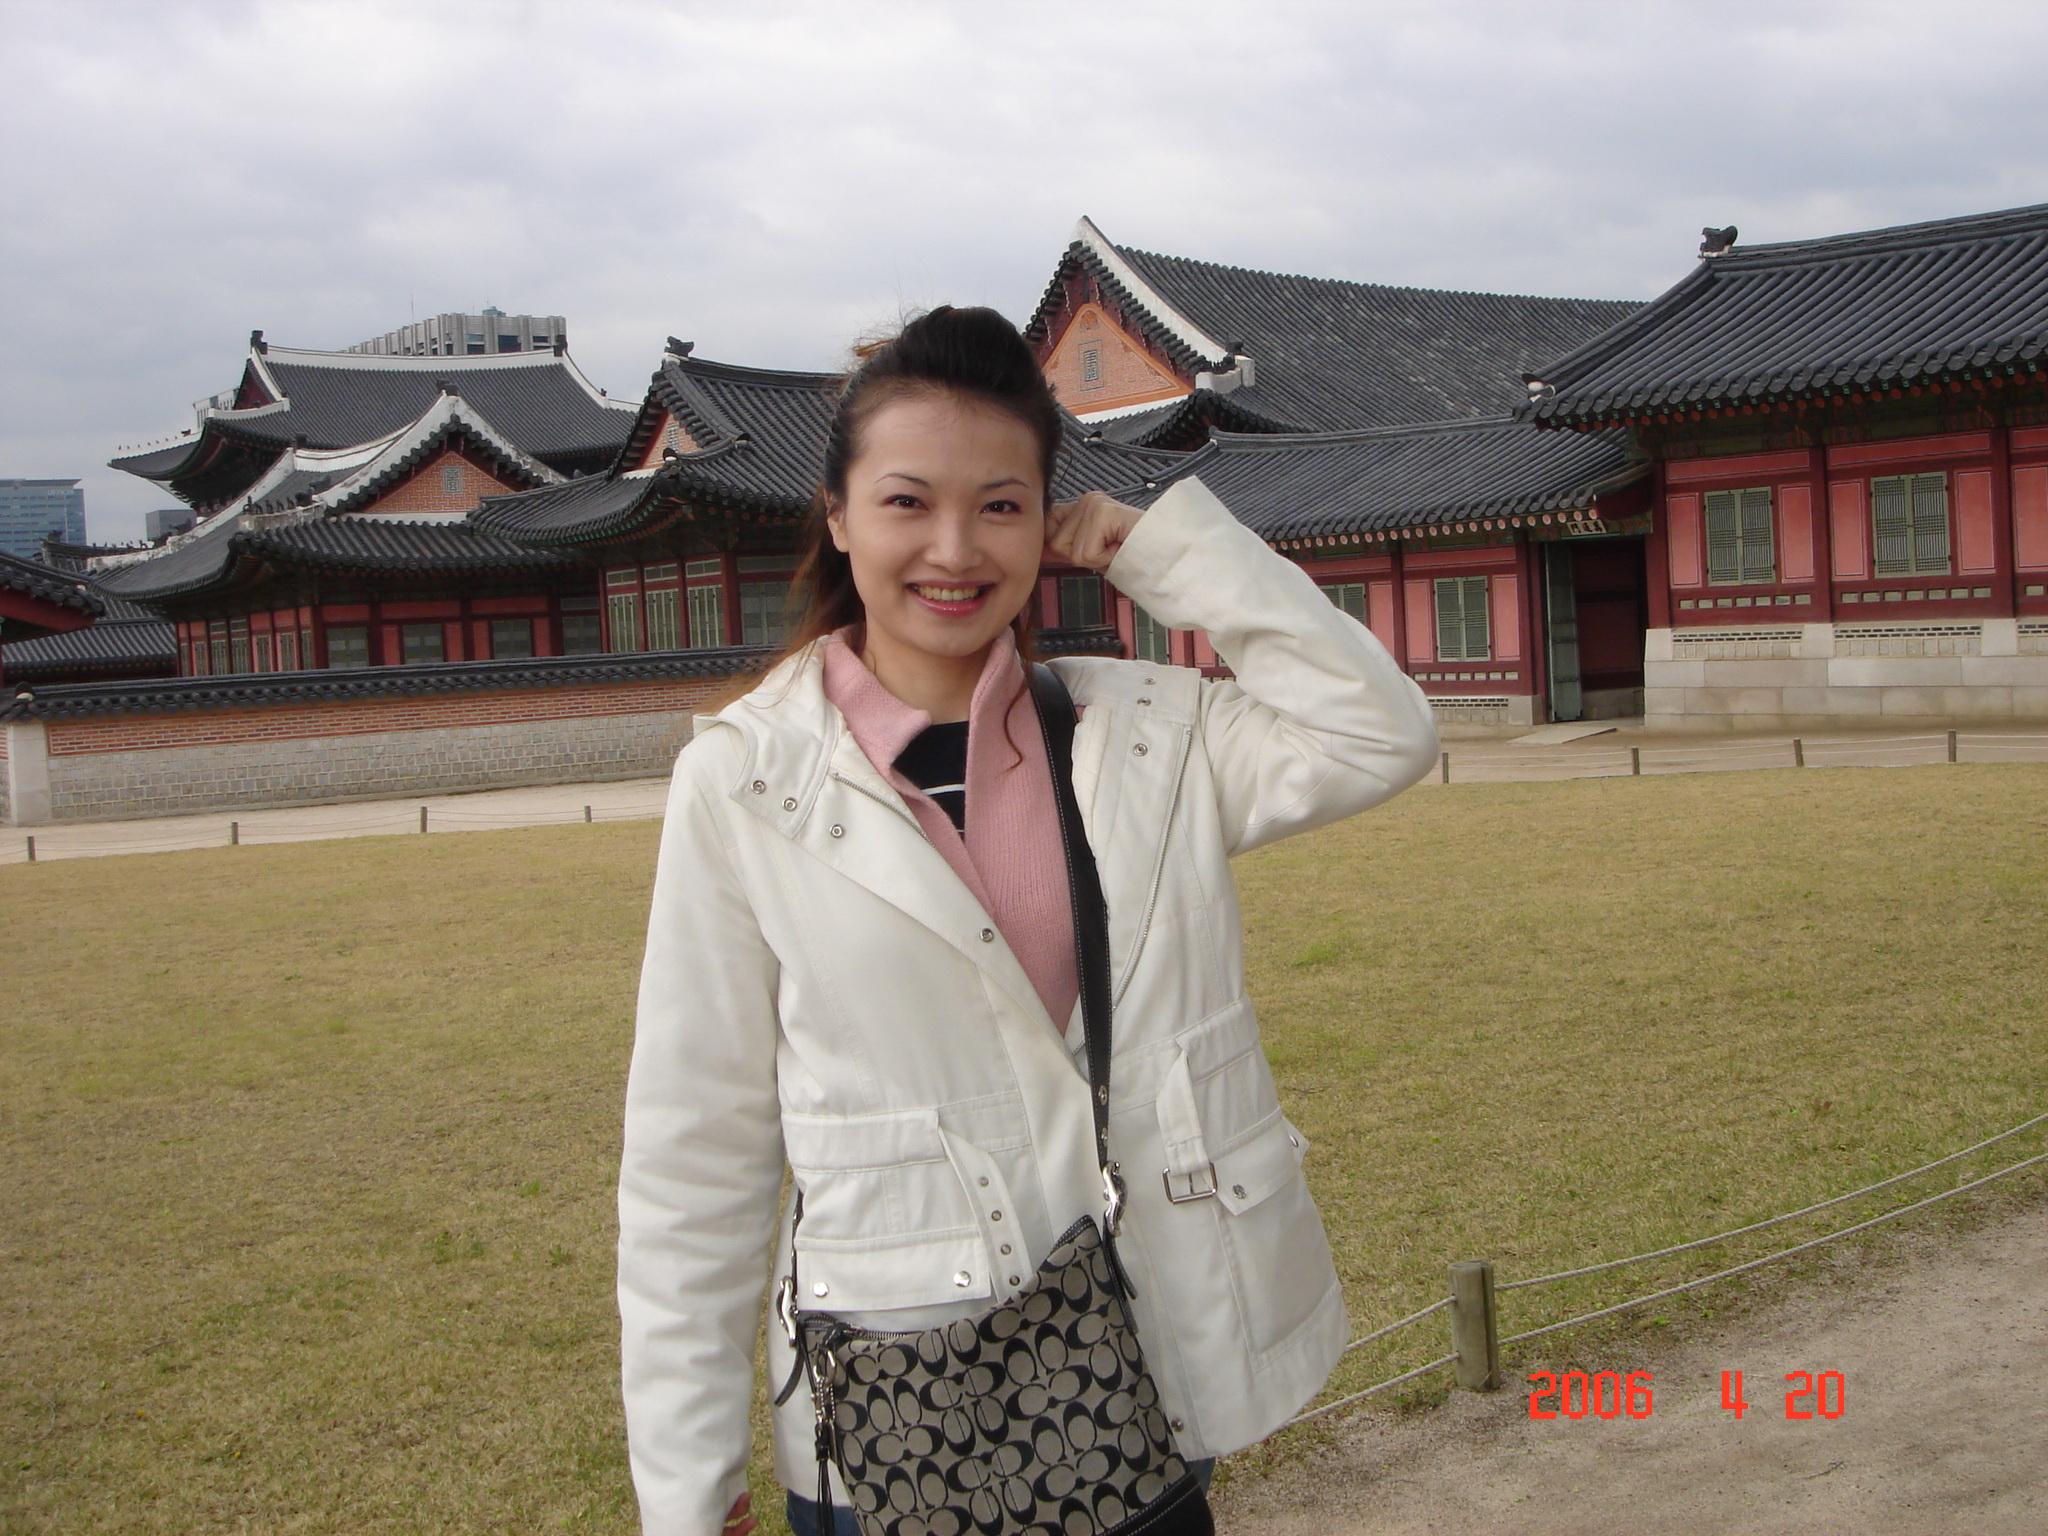 韓國之旅-冷到笑不出來.jpg